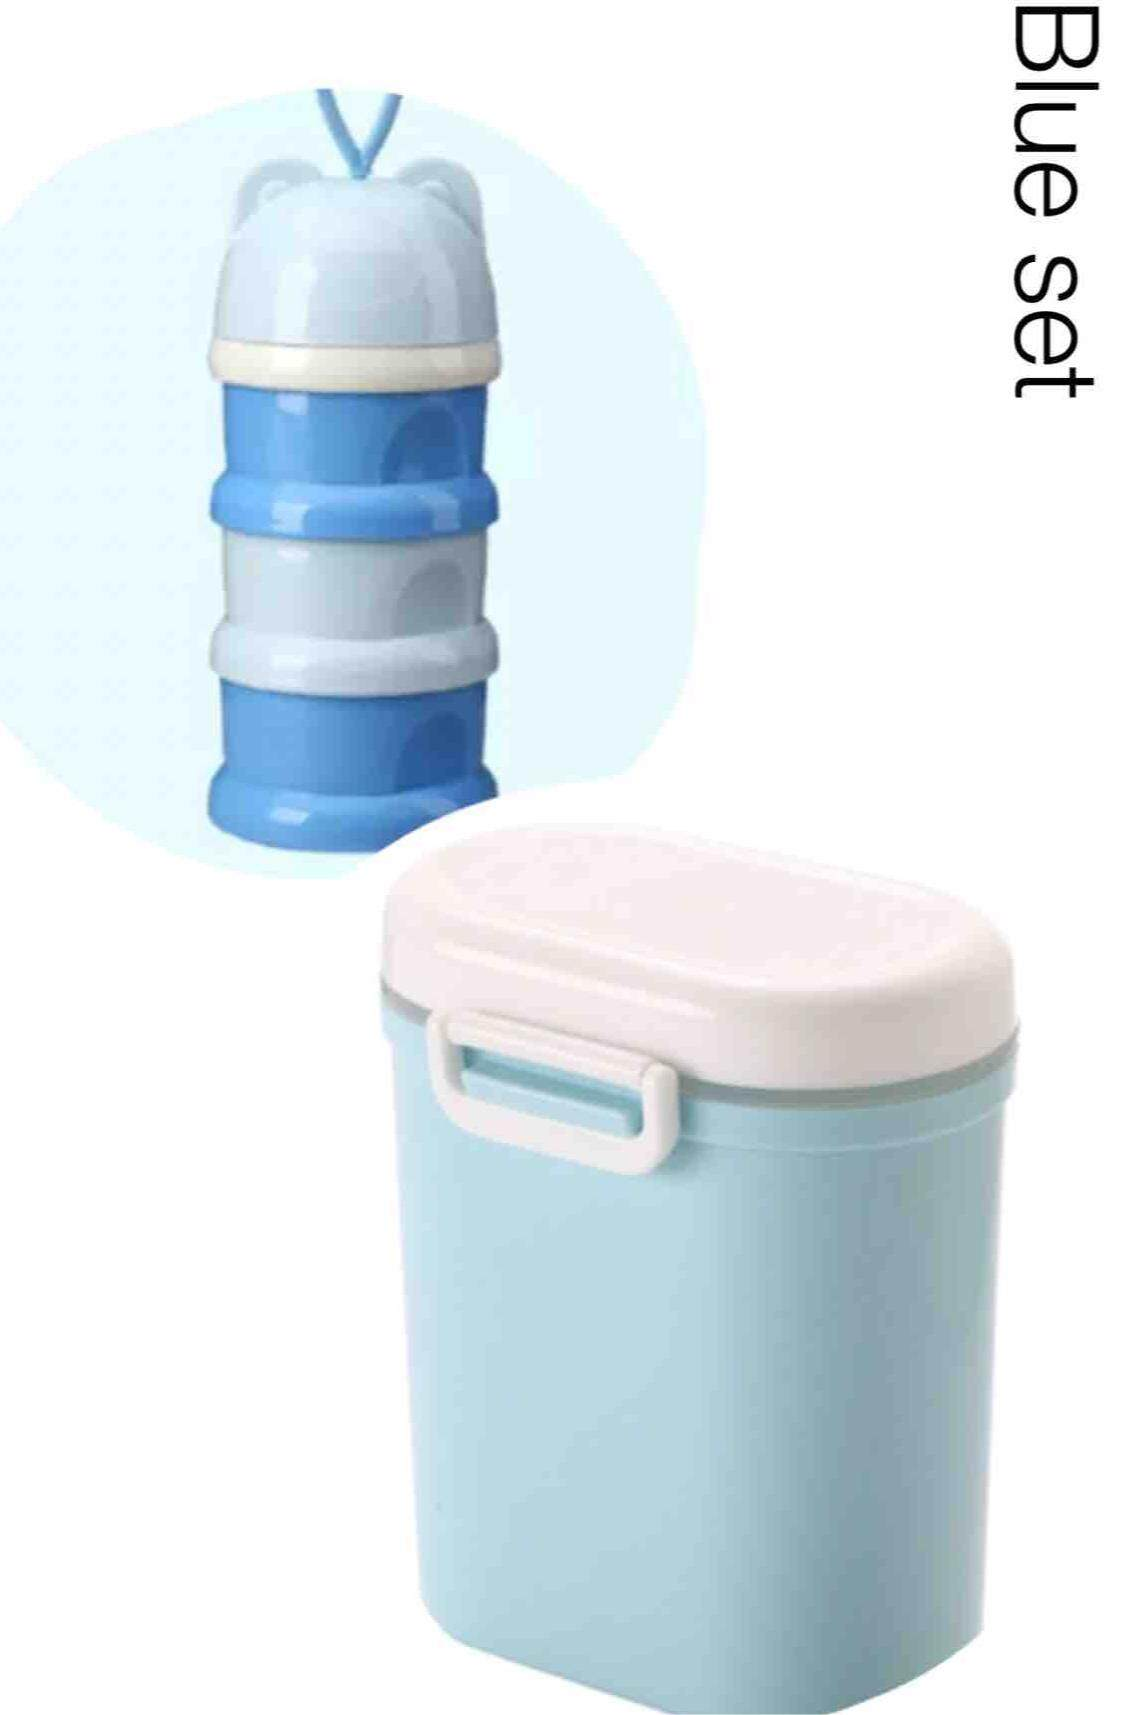 กล่องเก็บนมผงแบบสูญญากาศ 800 Ml + กล่องแบ่งนม 3 ชั้น สีฟ้า(ชุด Set สุดคุ้ม).